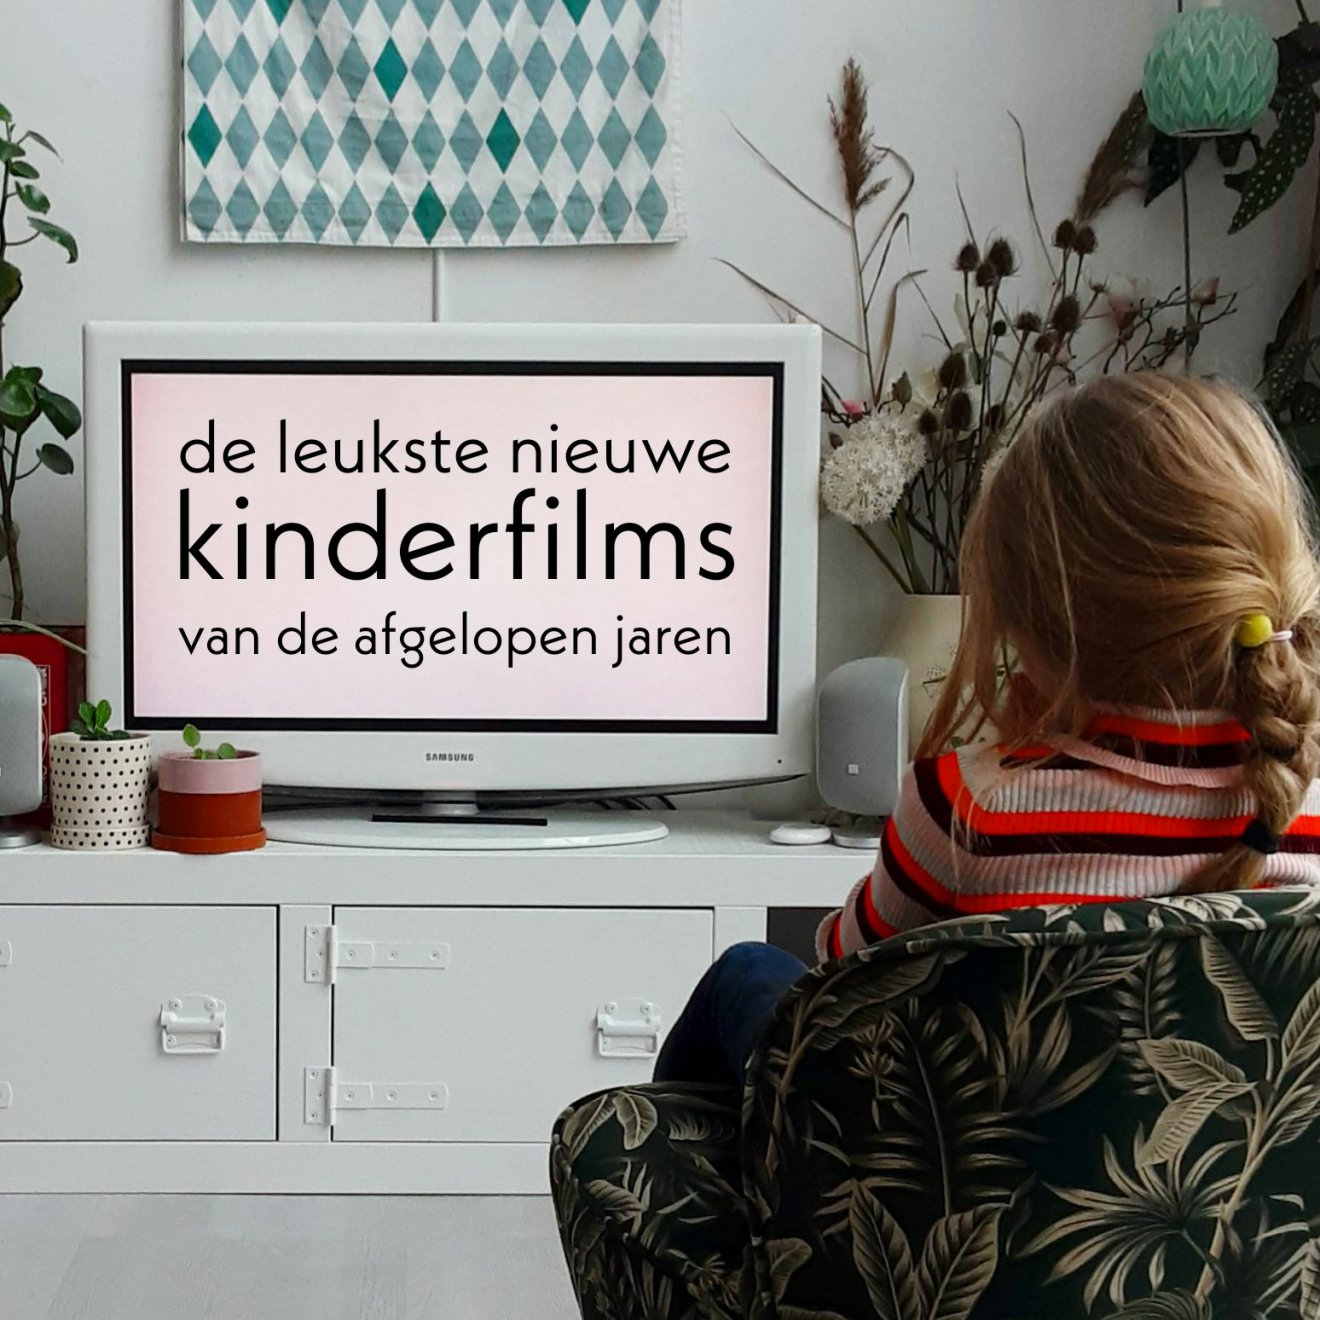 De leukste nieuwe kinderfilms van de afgelopen jaren